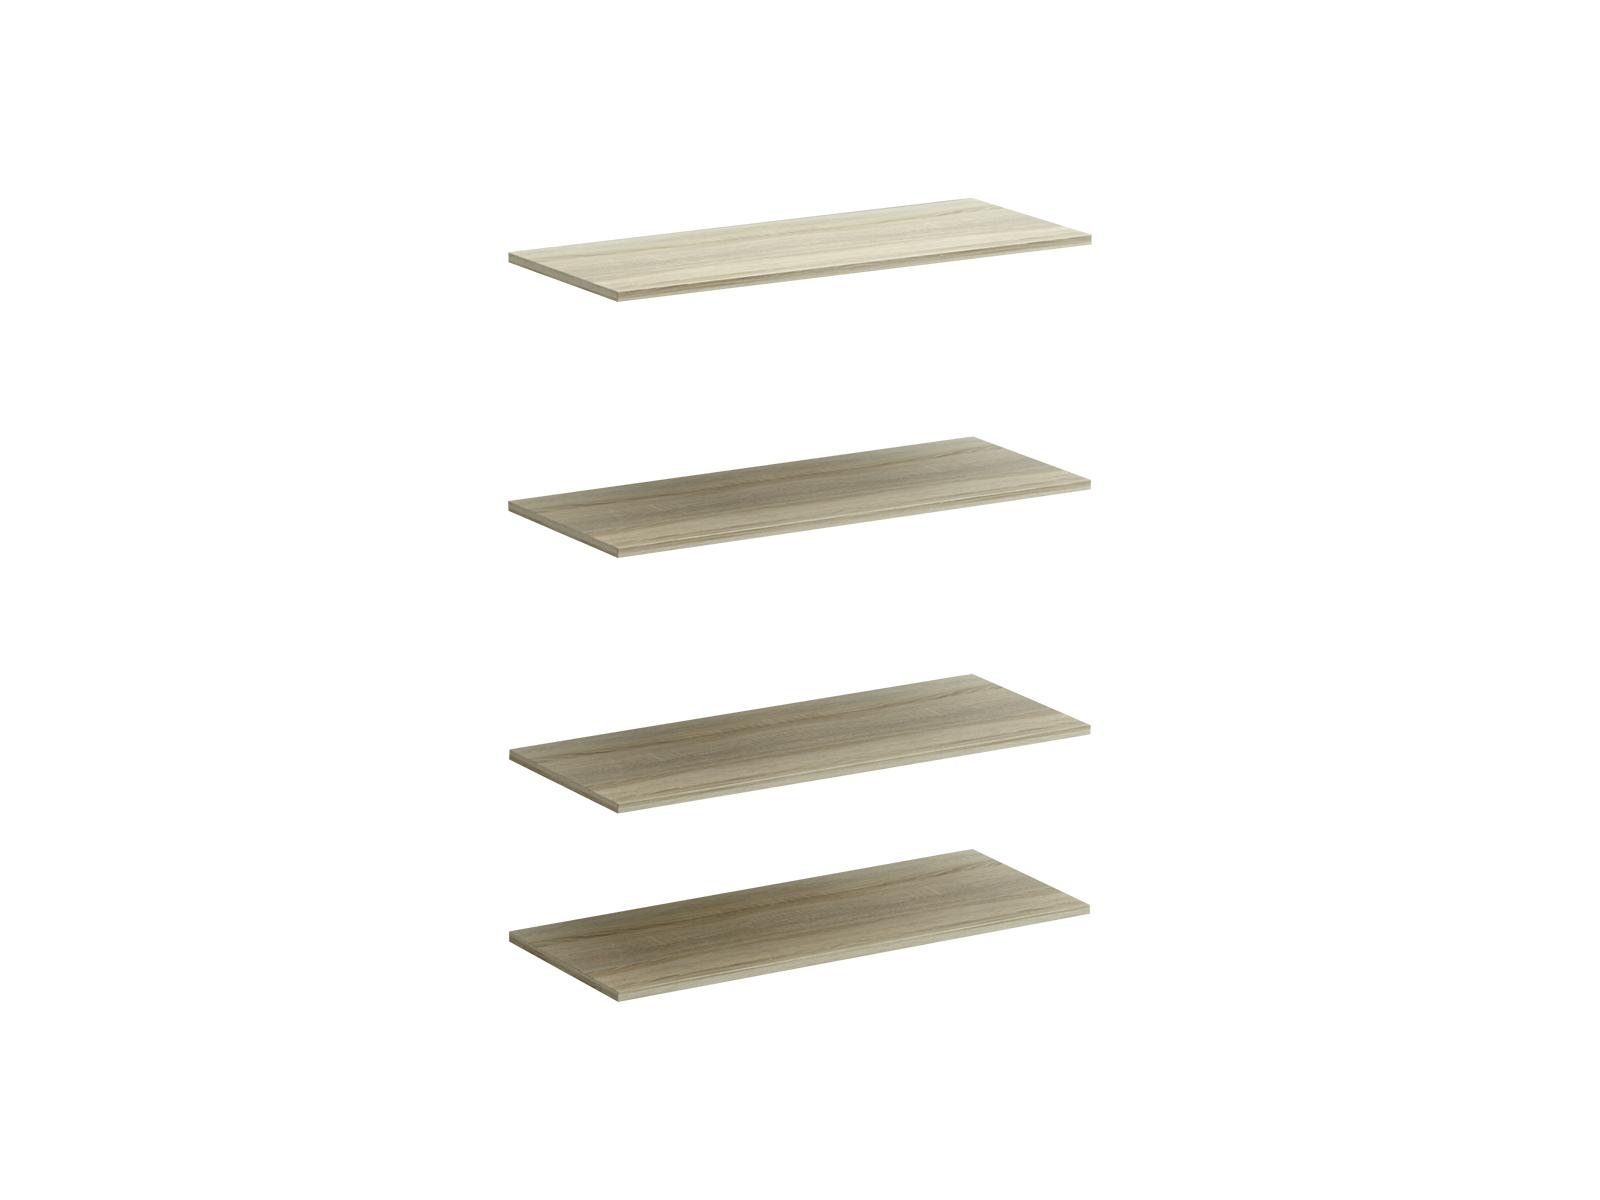 Полки для шкафа ReinaОсновной раздел каталога<br>Комплект из 4 полок для двухдверного шкафа Reina<br>